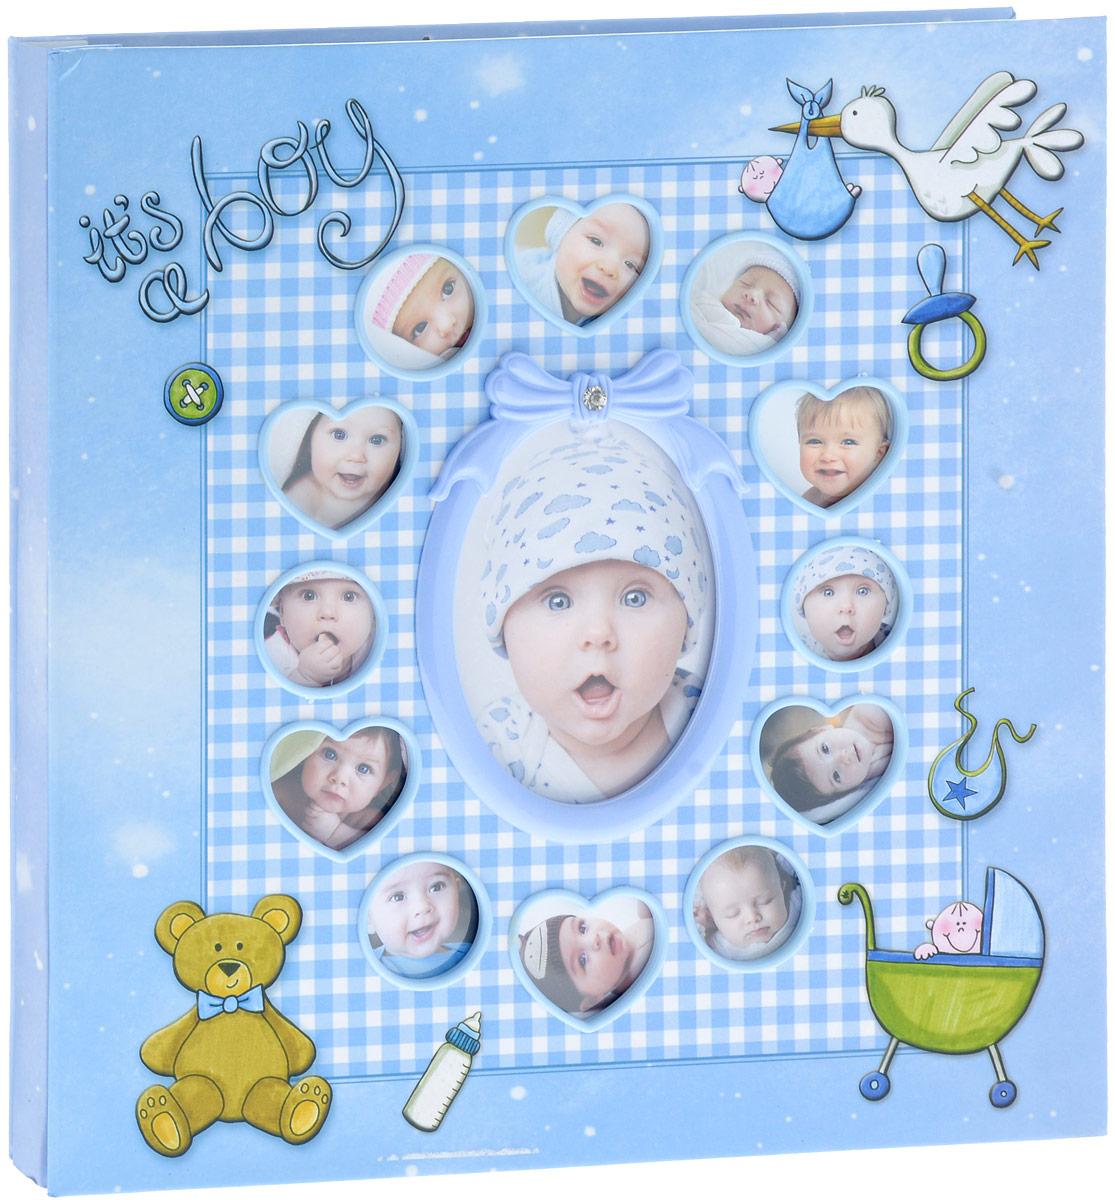 Фотоальбом Platinum Первые 12 месяцев, 30 листов, цвет: голубой. 9840-30 фотоальбом platinum классика 240 фотографий 10 x 15 см